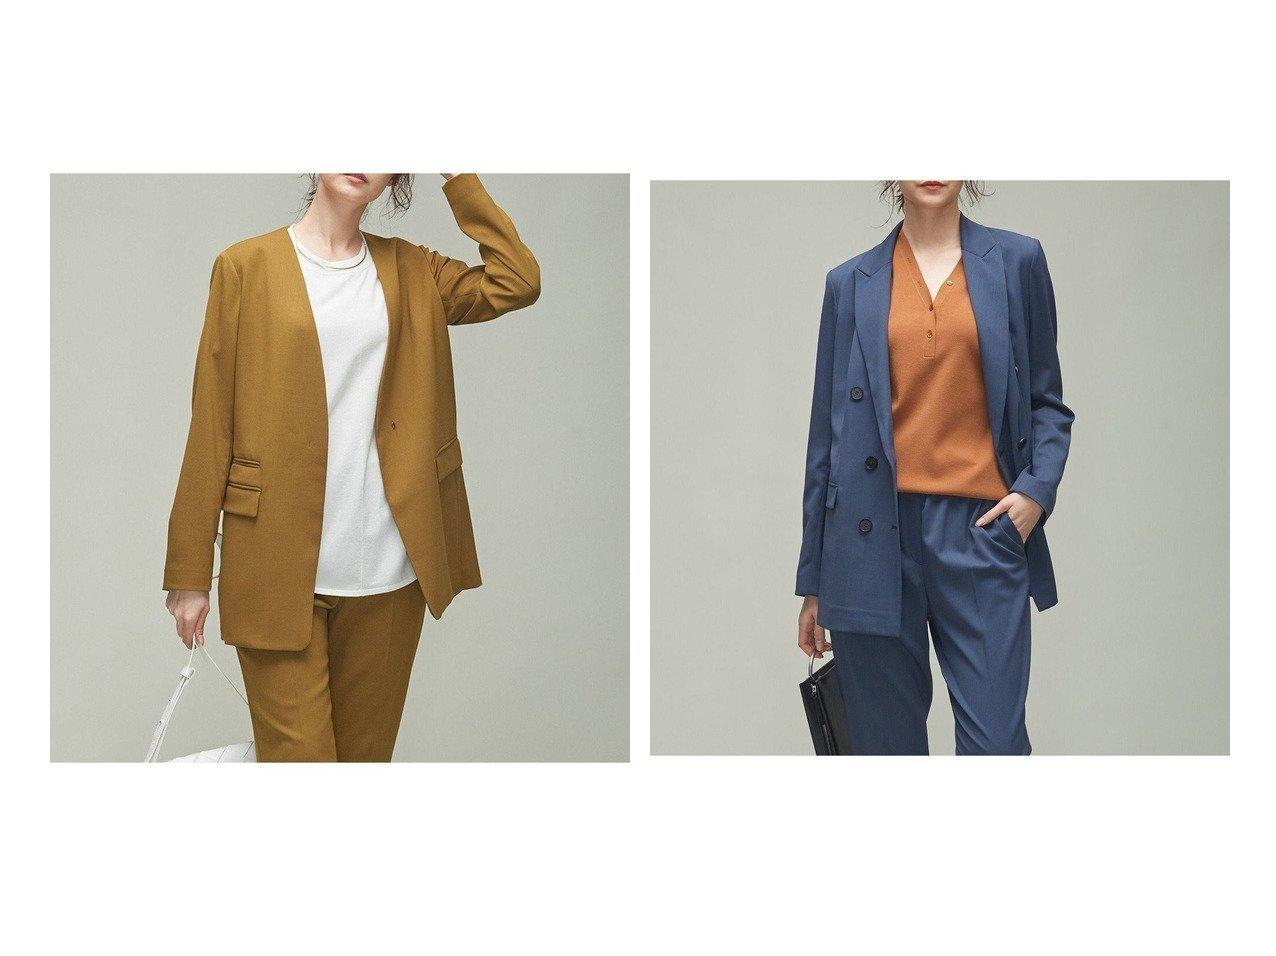 【iCB/アイシービー】のウールストレッチ ノーカラージャケット&ウールストレッチツイル ダブル前ジャケット 【アウター】おすすめ!人気、トレンド・レディースファッションの通販 おすすめで人気の流行・トレンド、ファッションの通販商品 インテリア・家具・メンズファッション・キッズファッション・レディースファッション・服の通販 founy(ファニー) https://founy.com/ ファッション Fashion レディースファッション WOMEN アウター Coat Outerwear ジャケット Jackets ノーカラージャケット No Collar Leather Jackets テーラードジャケット Tailored Jackets 洗える カーディガン ジャケット ストレッチ ダブル ツイル パターン フィット フロント A/W・秋冬 AW・Autumn/Winter・FW・Fall-Winter 2021年 2021 2021-2022秋冬・A/W AW・Autumn/Winter・FW・Fall-Winter・2021-2022 送料無料 Free Shipping |ID:crp329100000062659